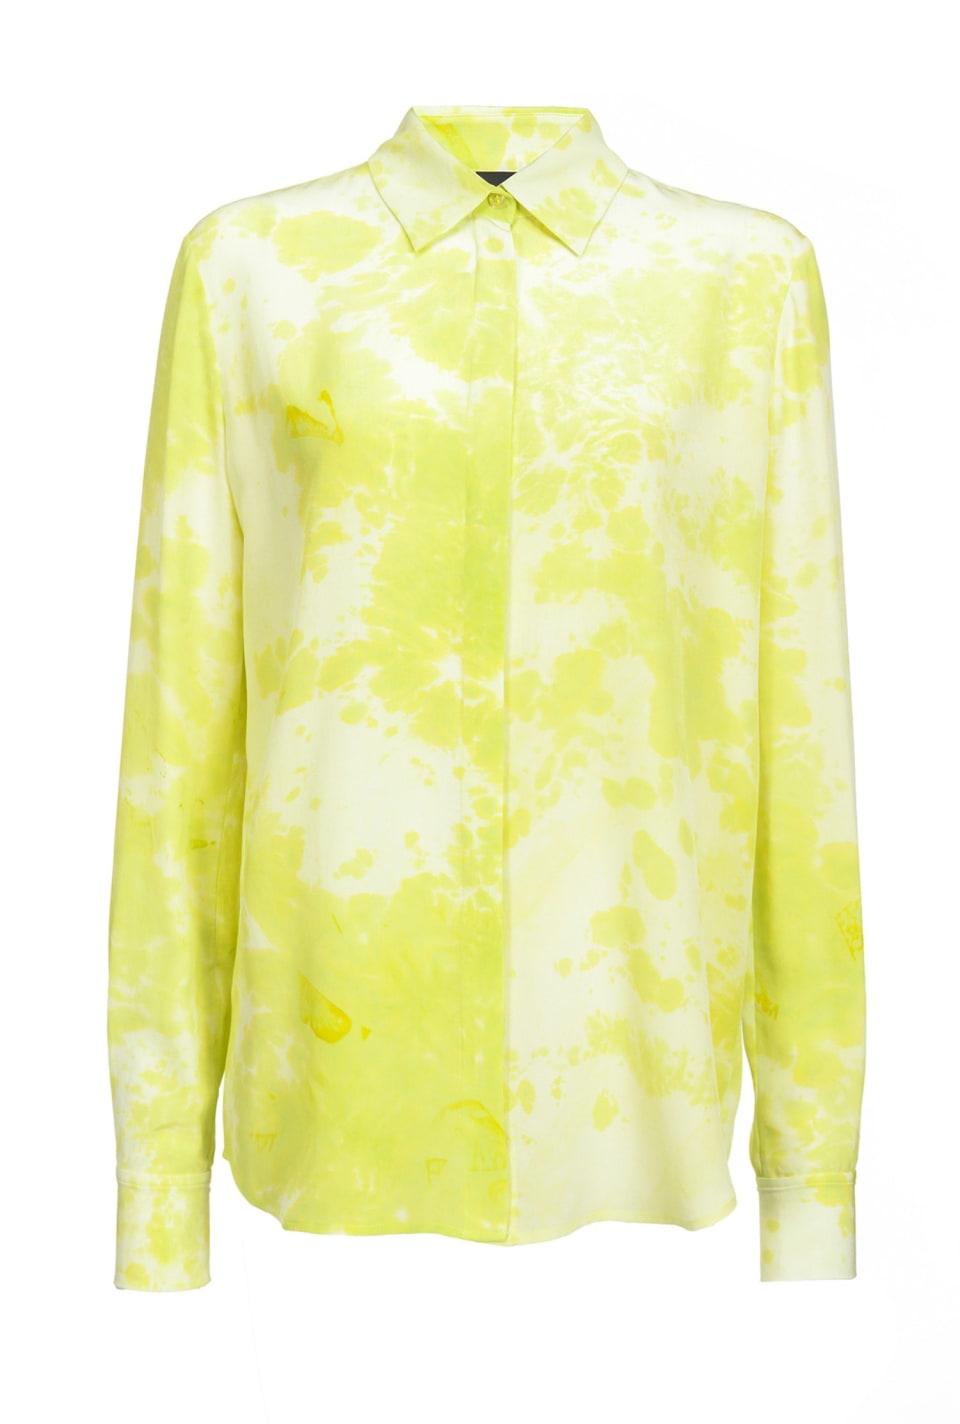 Tie&dye shirt